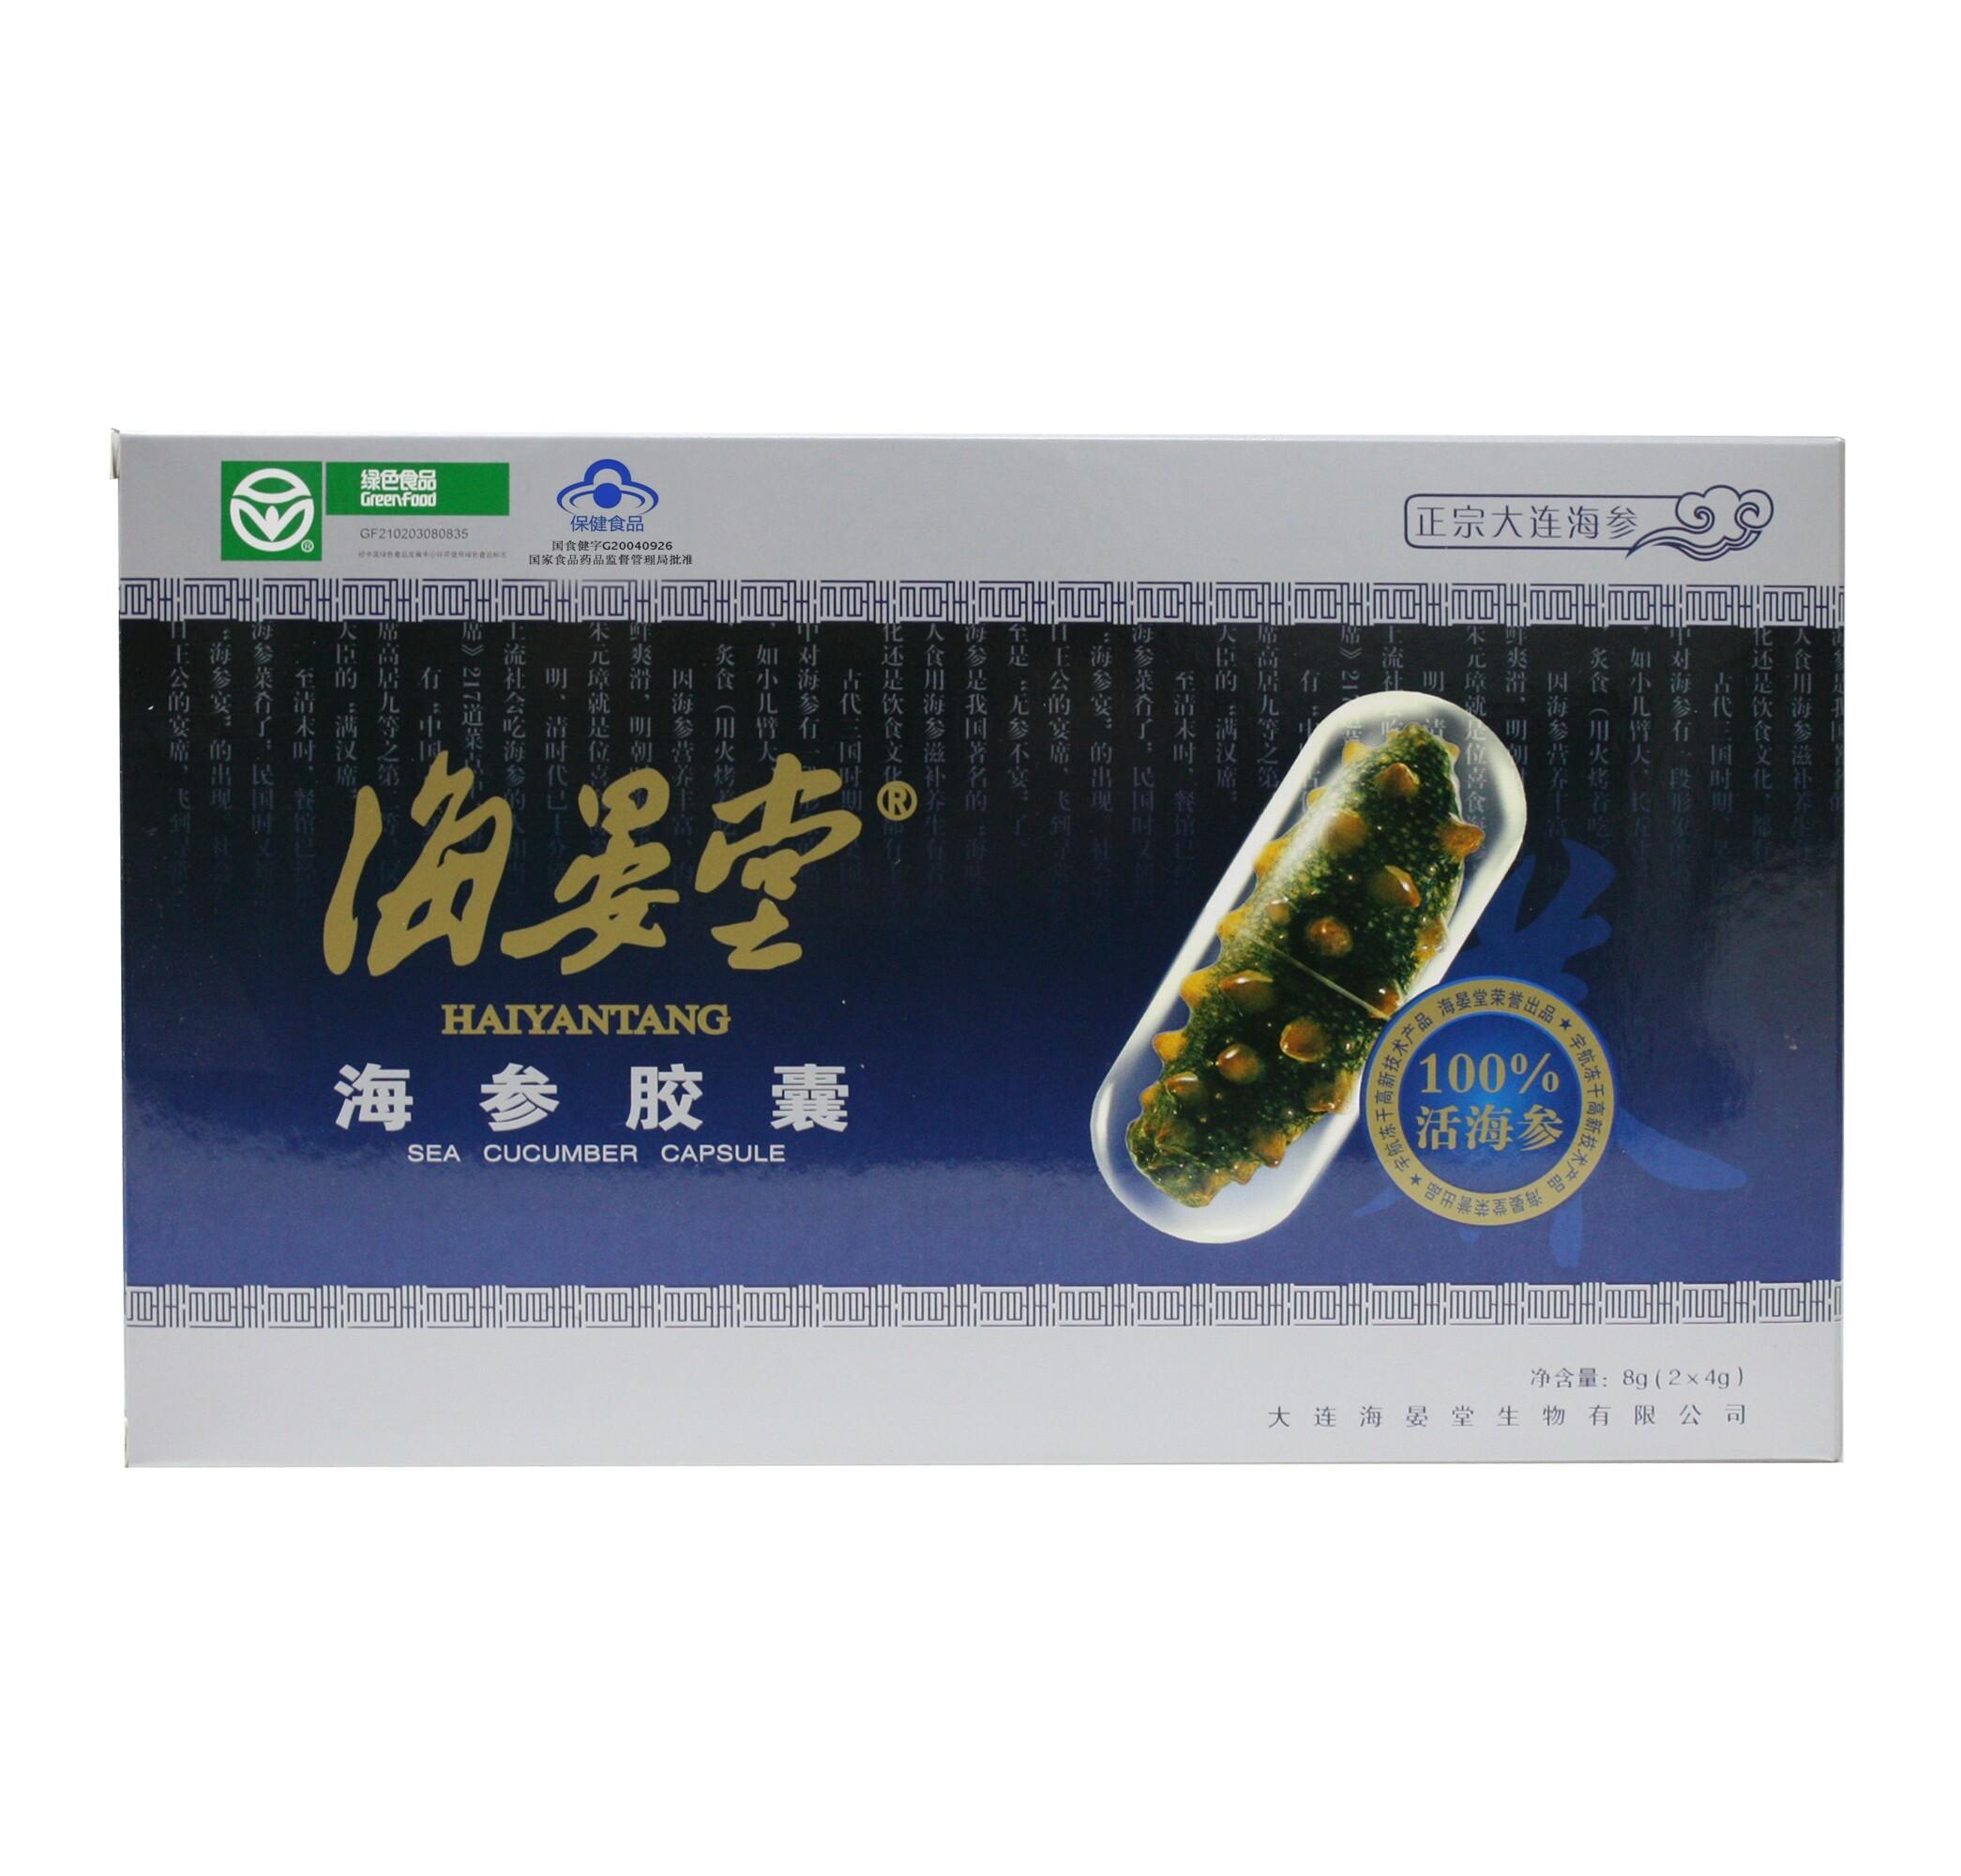 海晏堂牌海参胶囊 200mg-粒*20粒*2盒保健品免疫调节抗疲劳8g